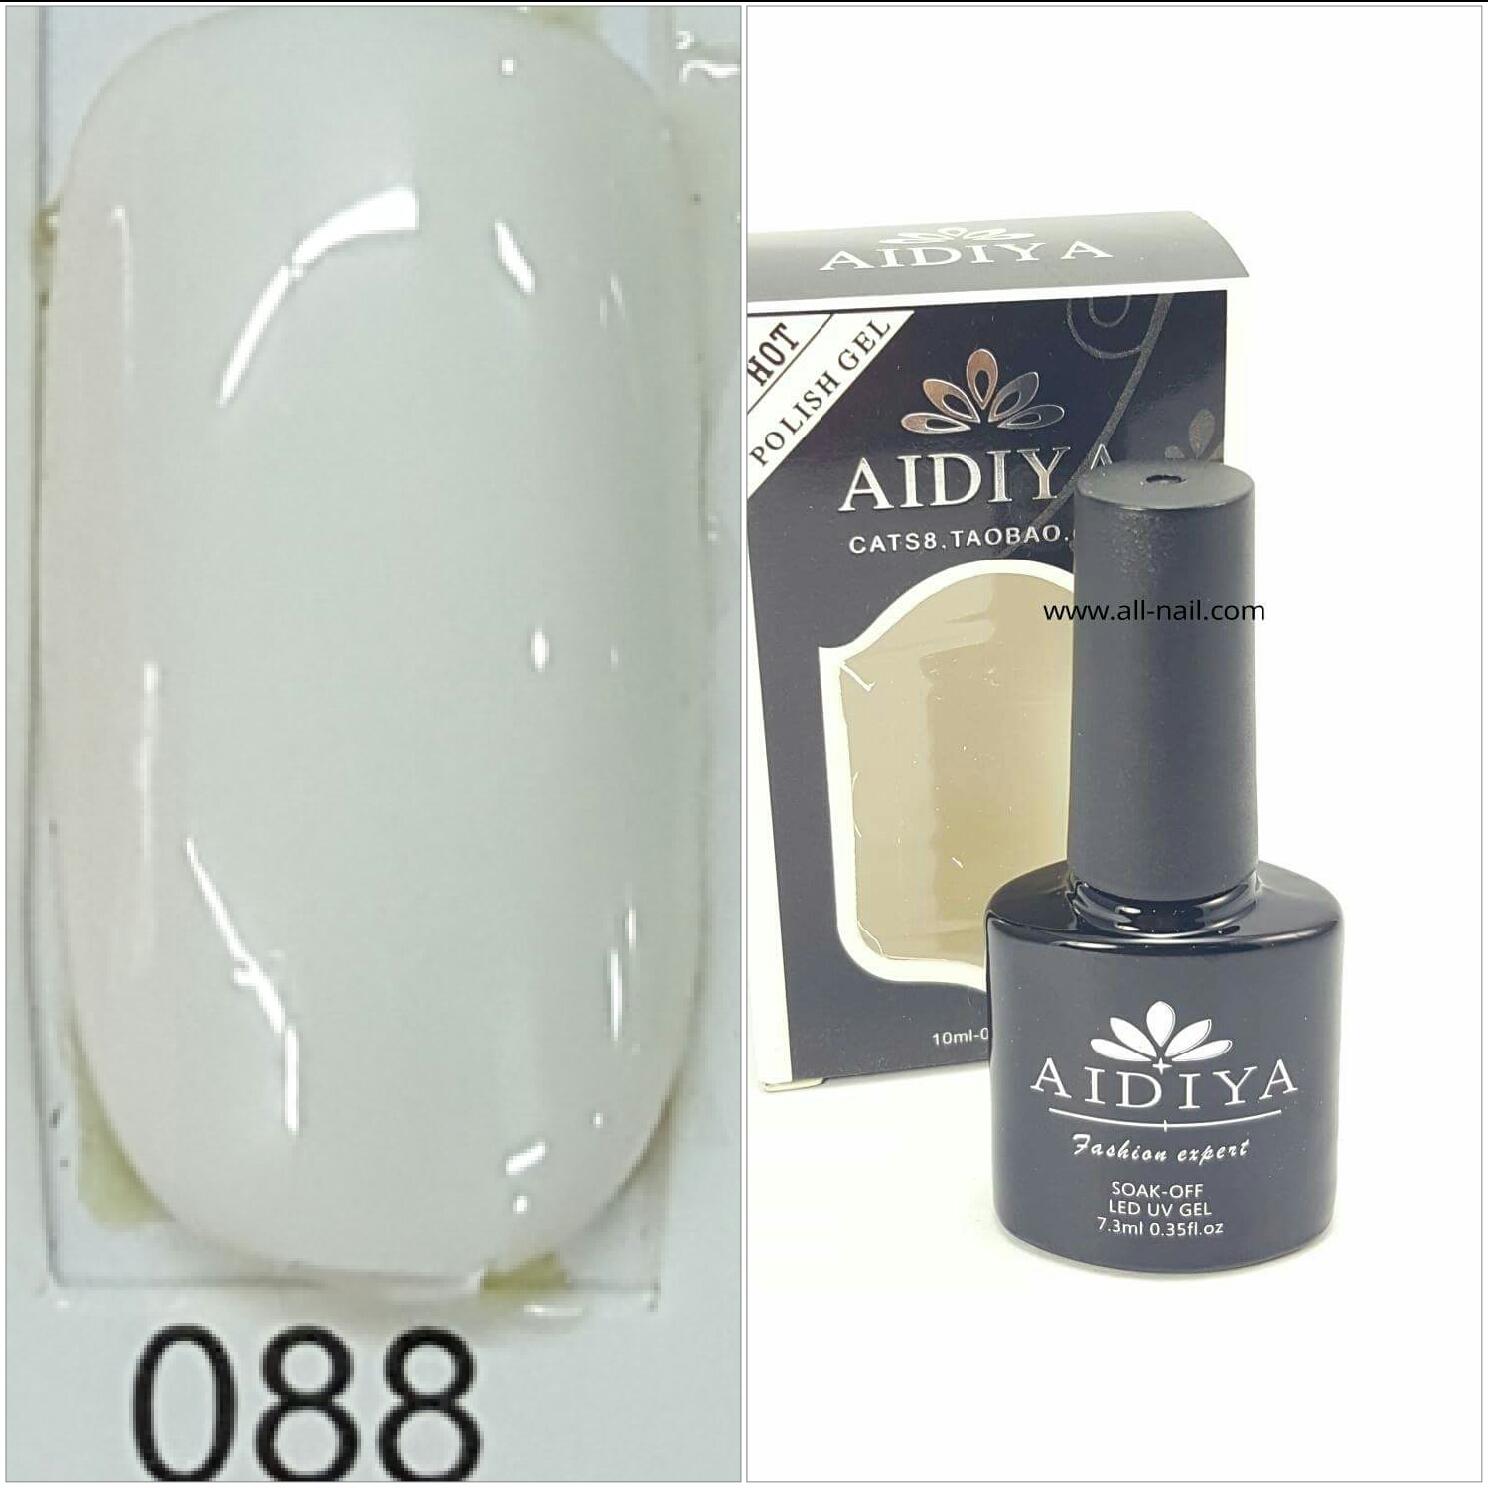 สีเจลทาเล็บ AIDIYA #088